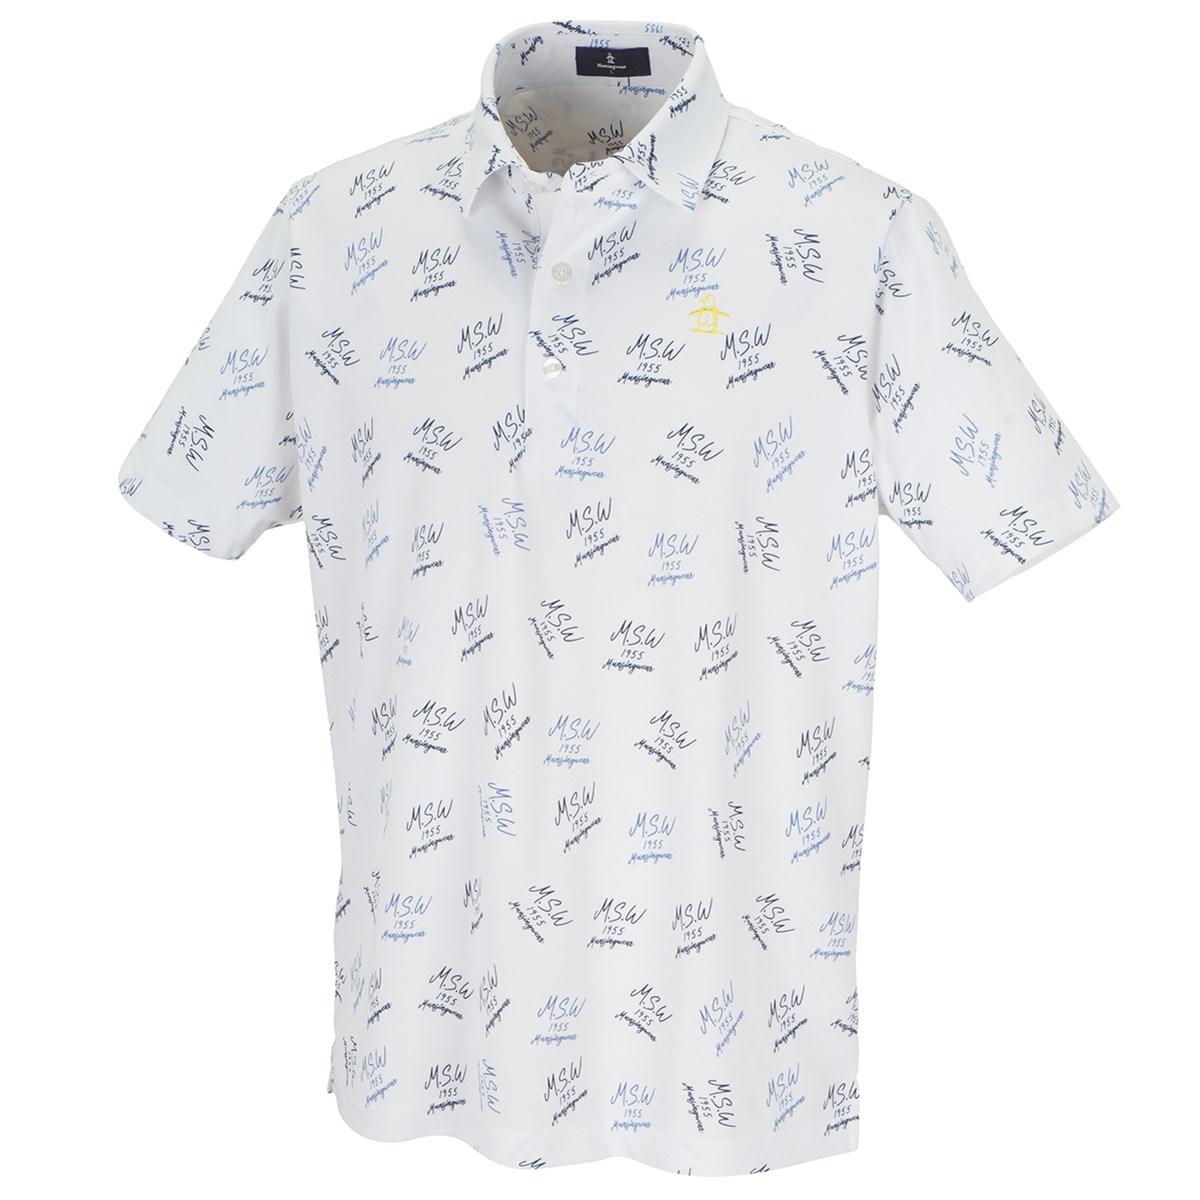 マンシングウェア Munsingwear COOLIST総柄ロゴプリント半袖ポロシャツ LL ホワイト 00